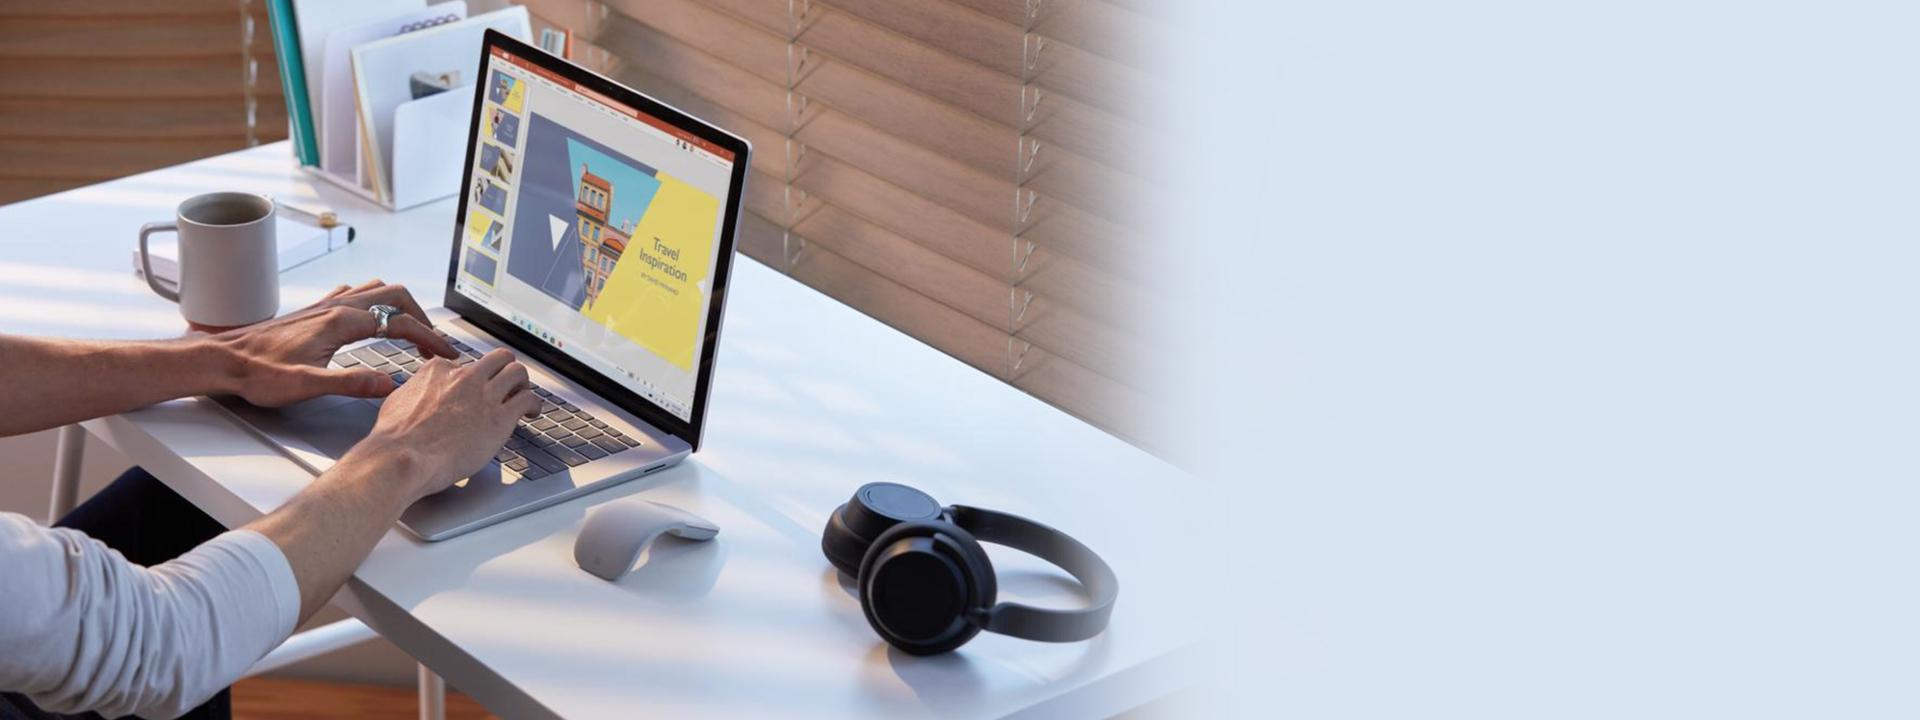 テーブルに置いた Surface Laptop 3 と Surface Headphones